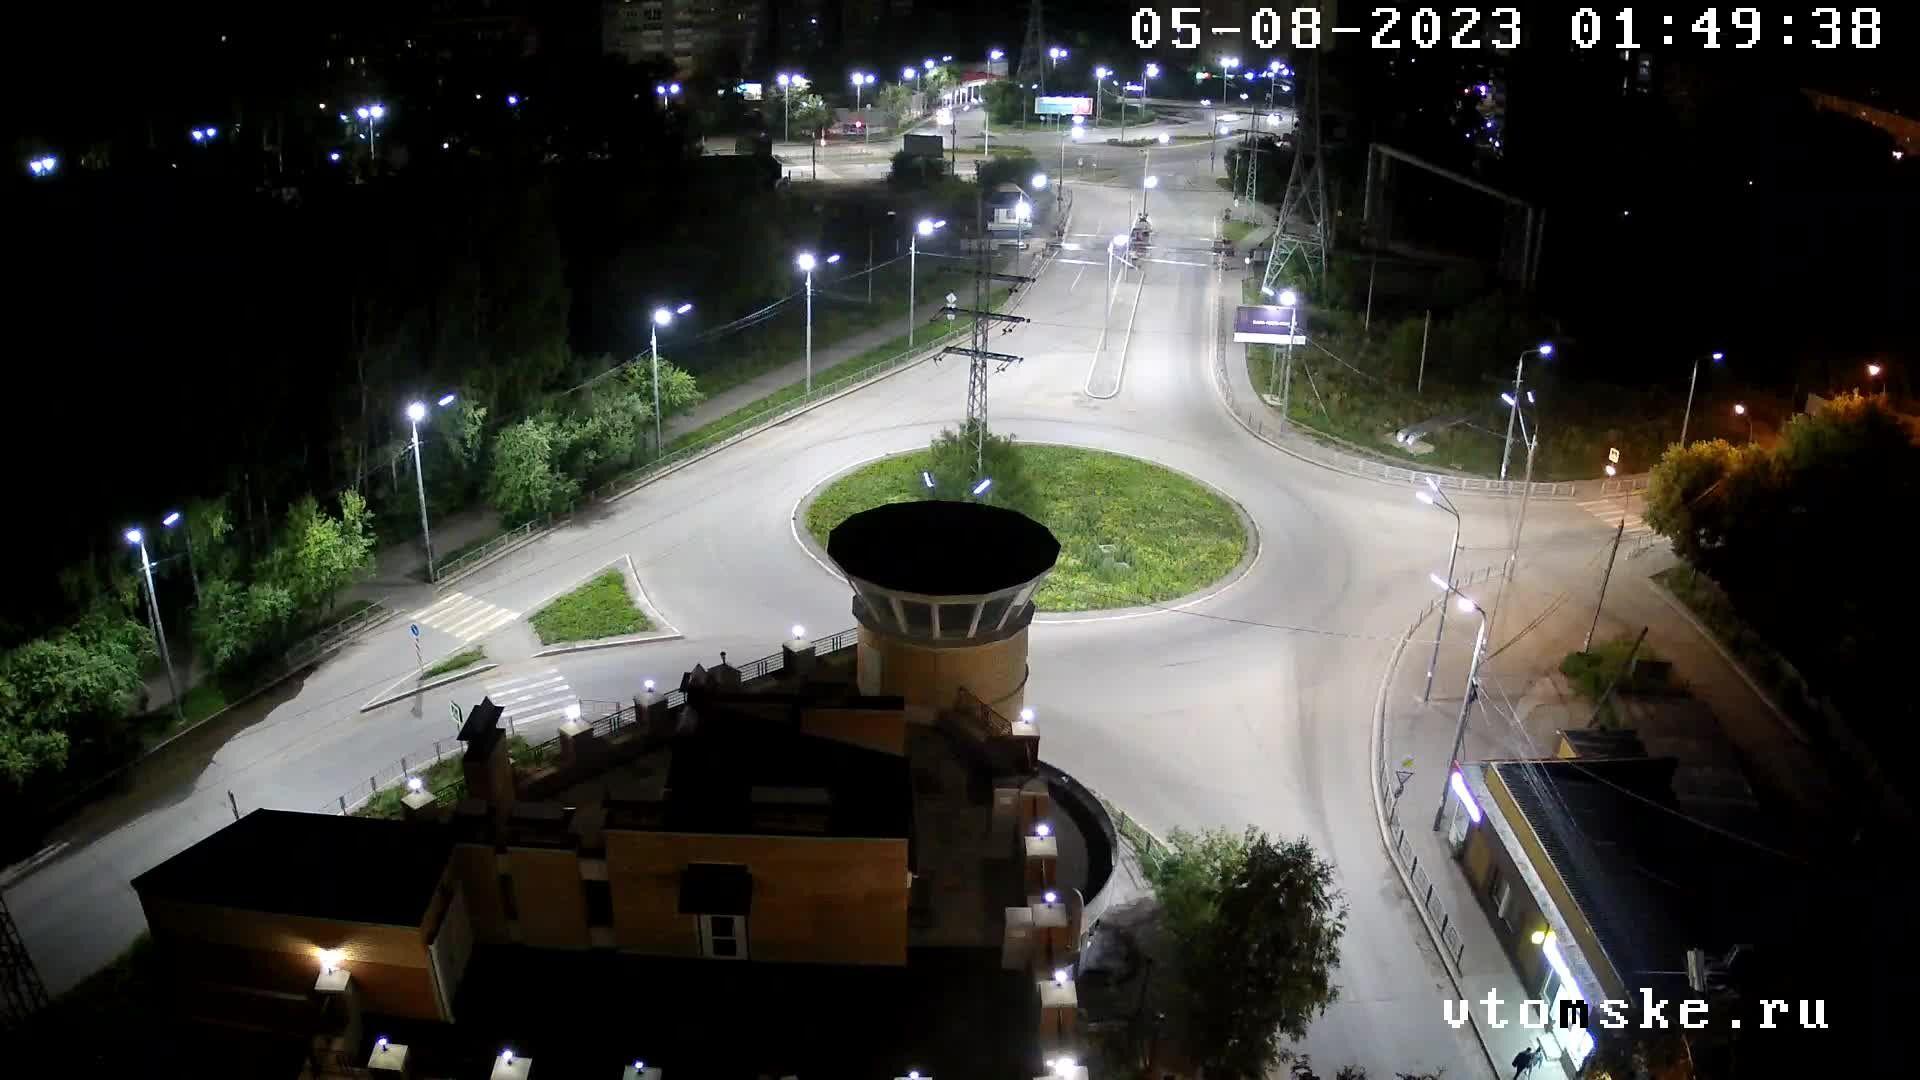 Веб-камера Томска, площадь Южная